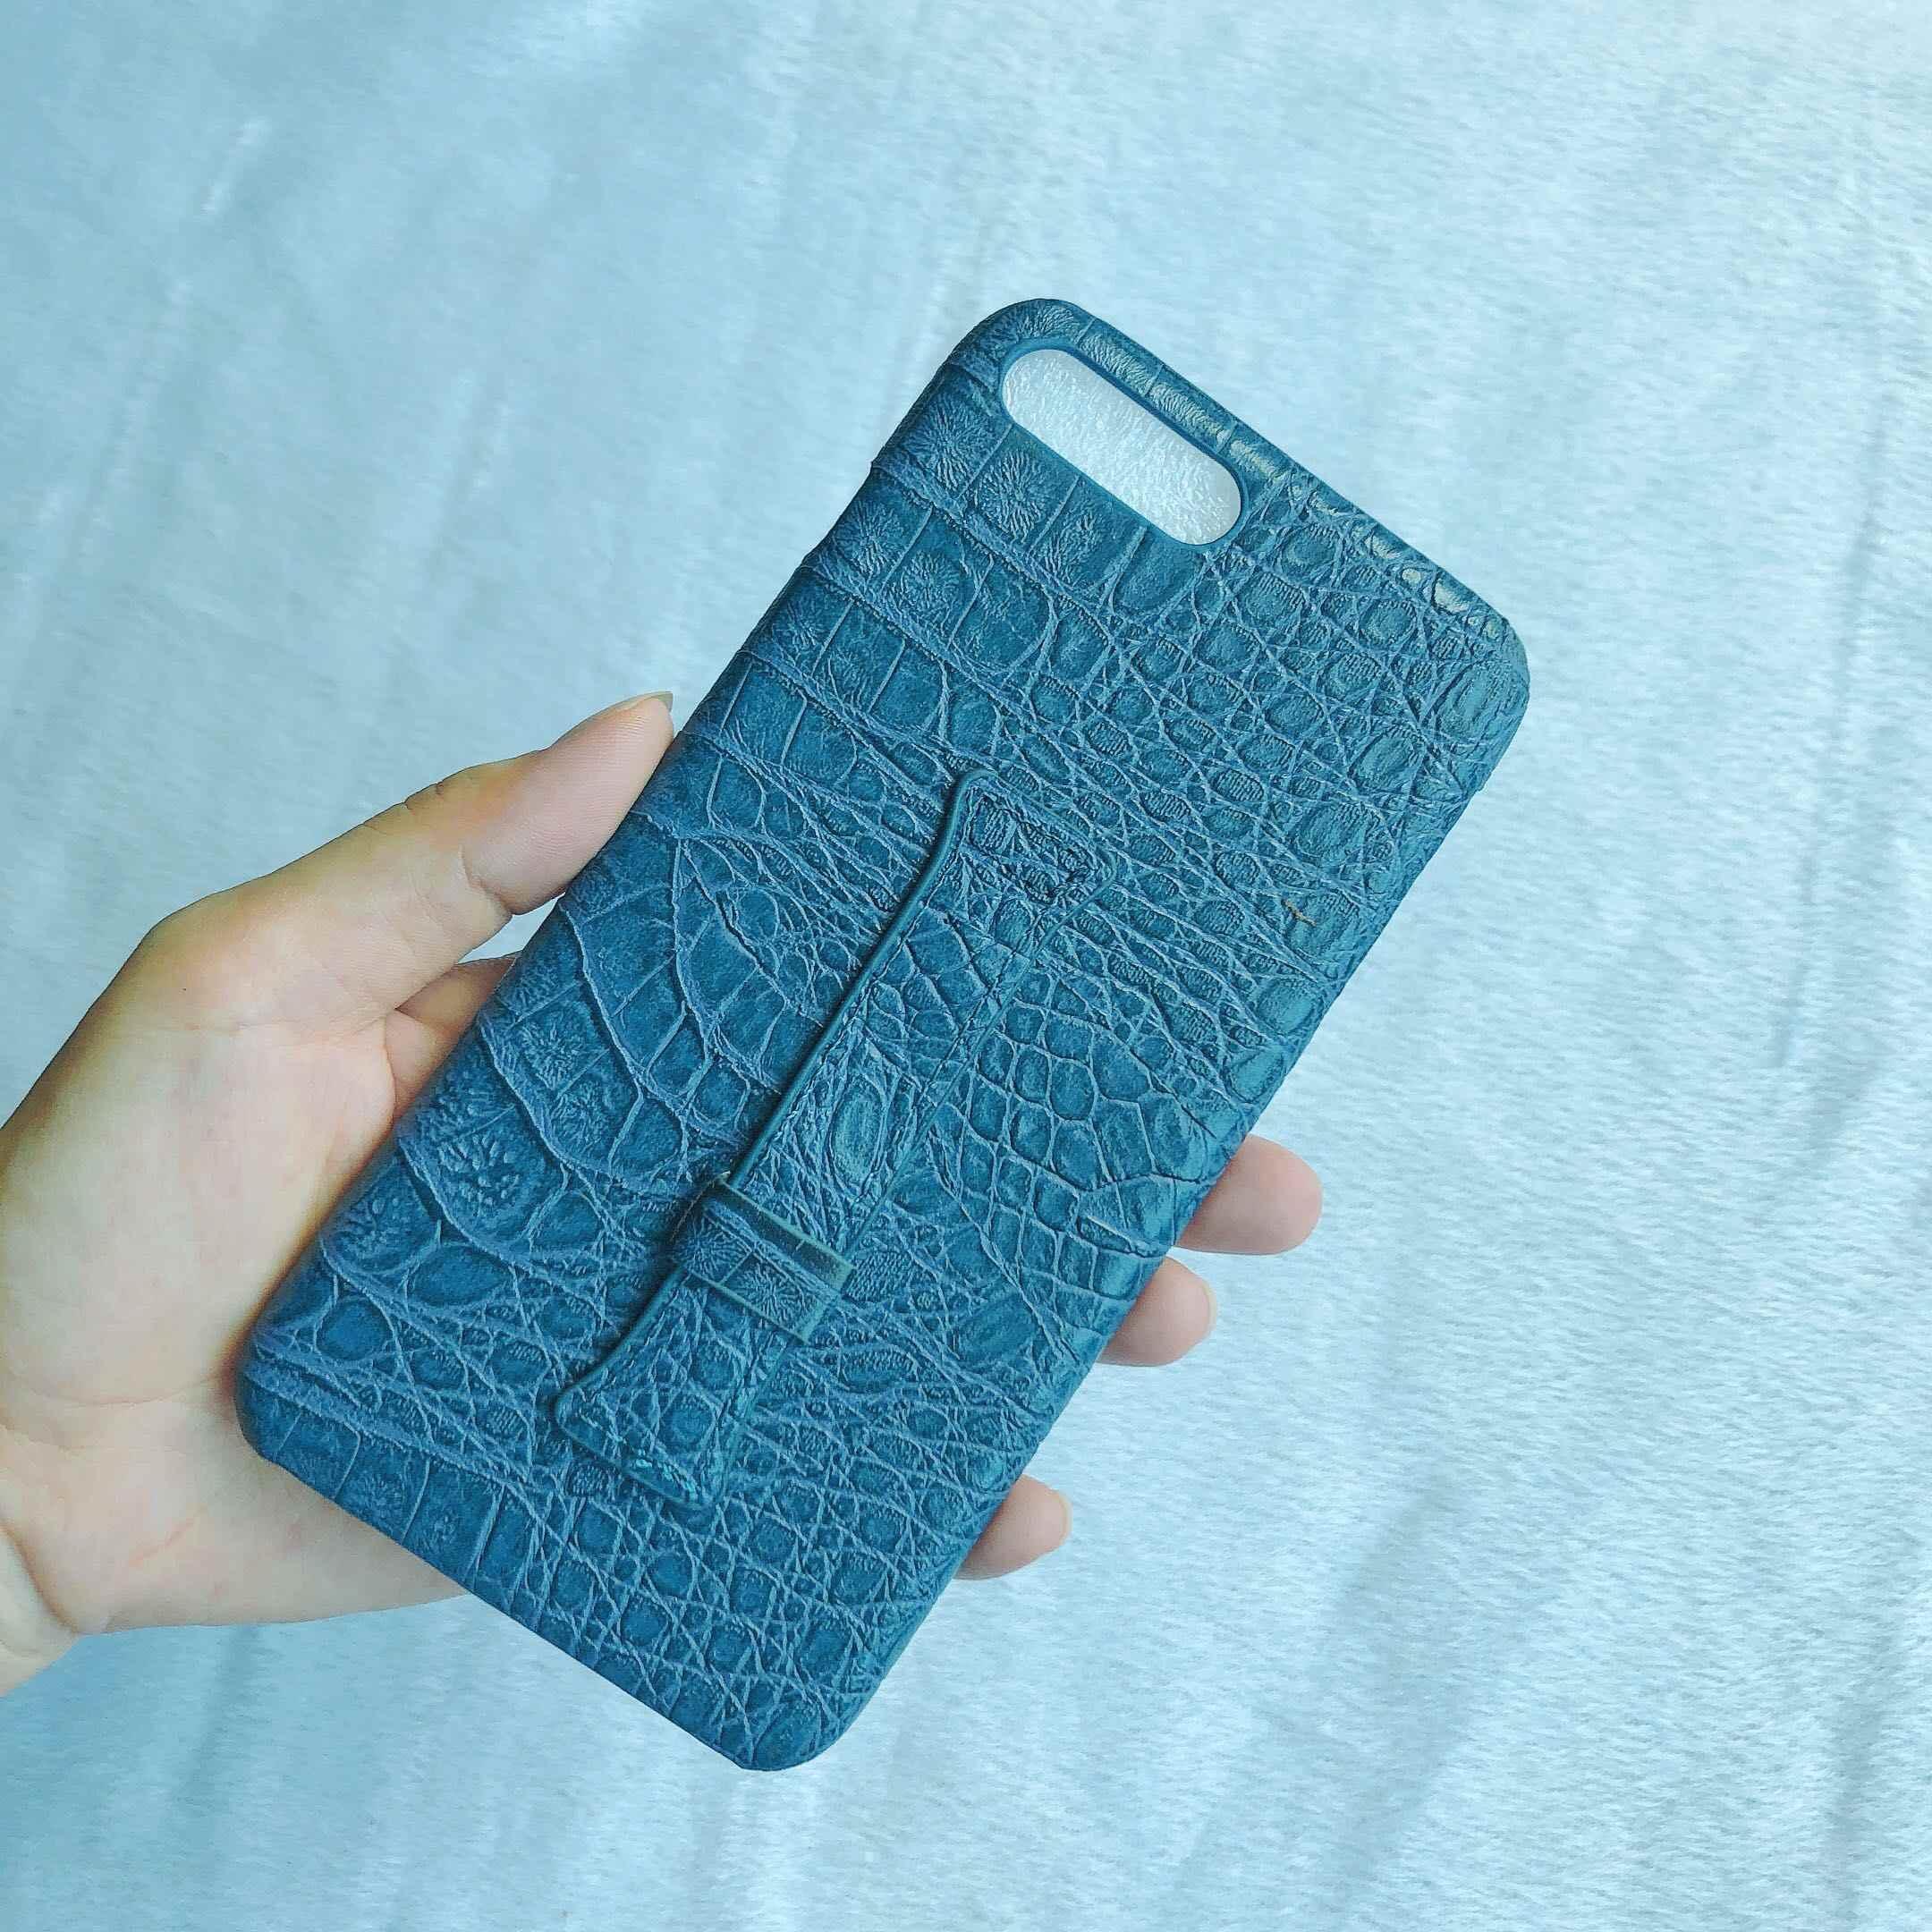 الراقية الأزياء الأعمال جلد التمساح نمط القشرة سوار قوس بسيط ل iphone XS ماكس XS XR X 6 6S 7 8 زائد غطاء